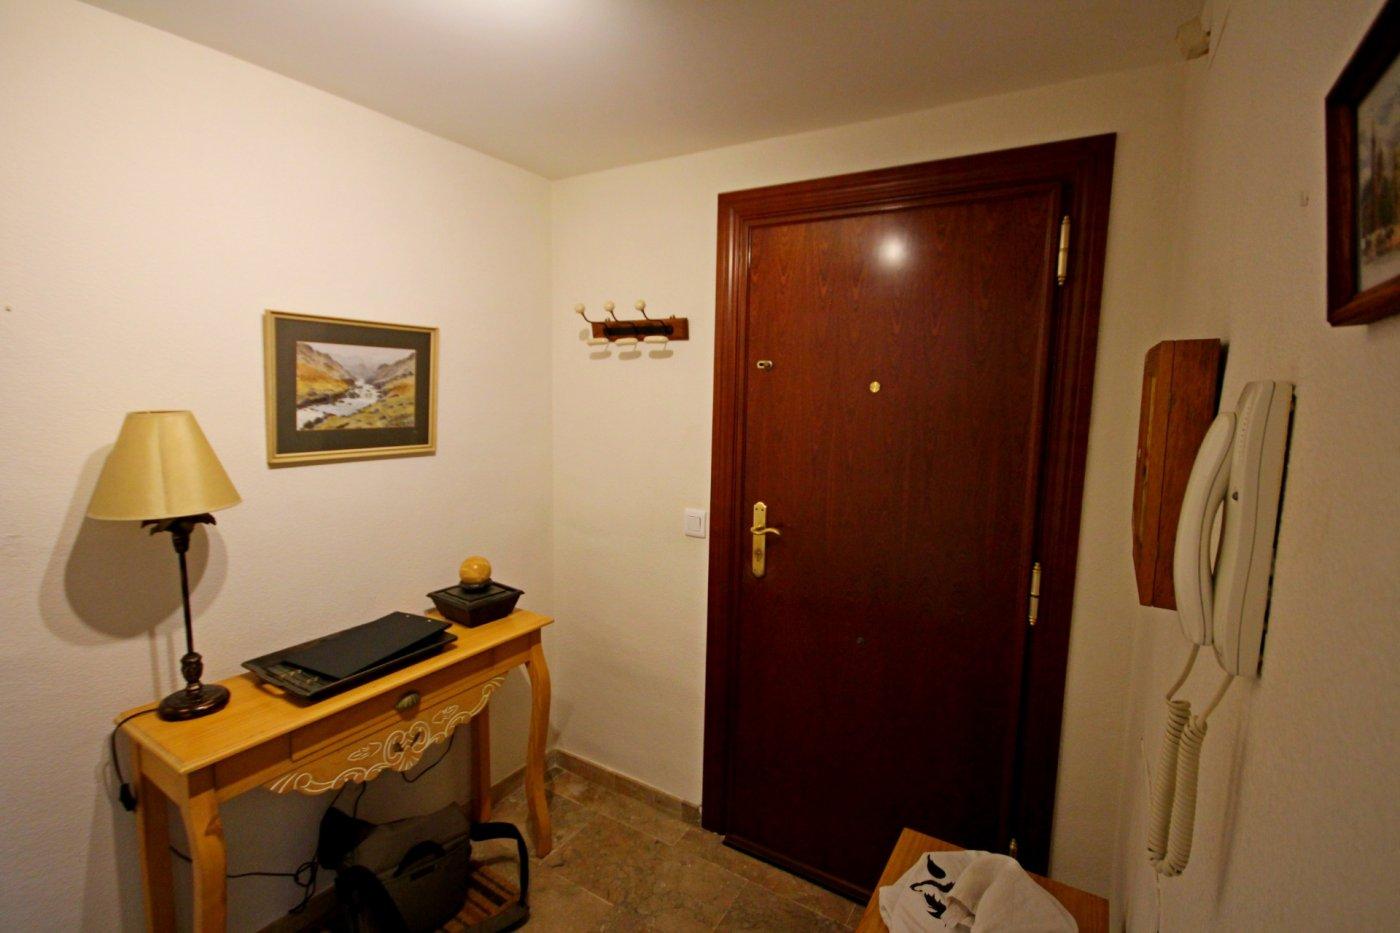 Piso dos dormitorios con garaje a un paso del centro histórico - imagenInmueble13